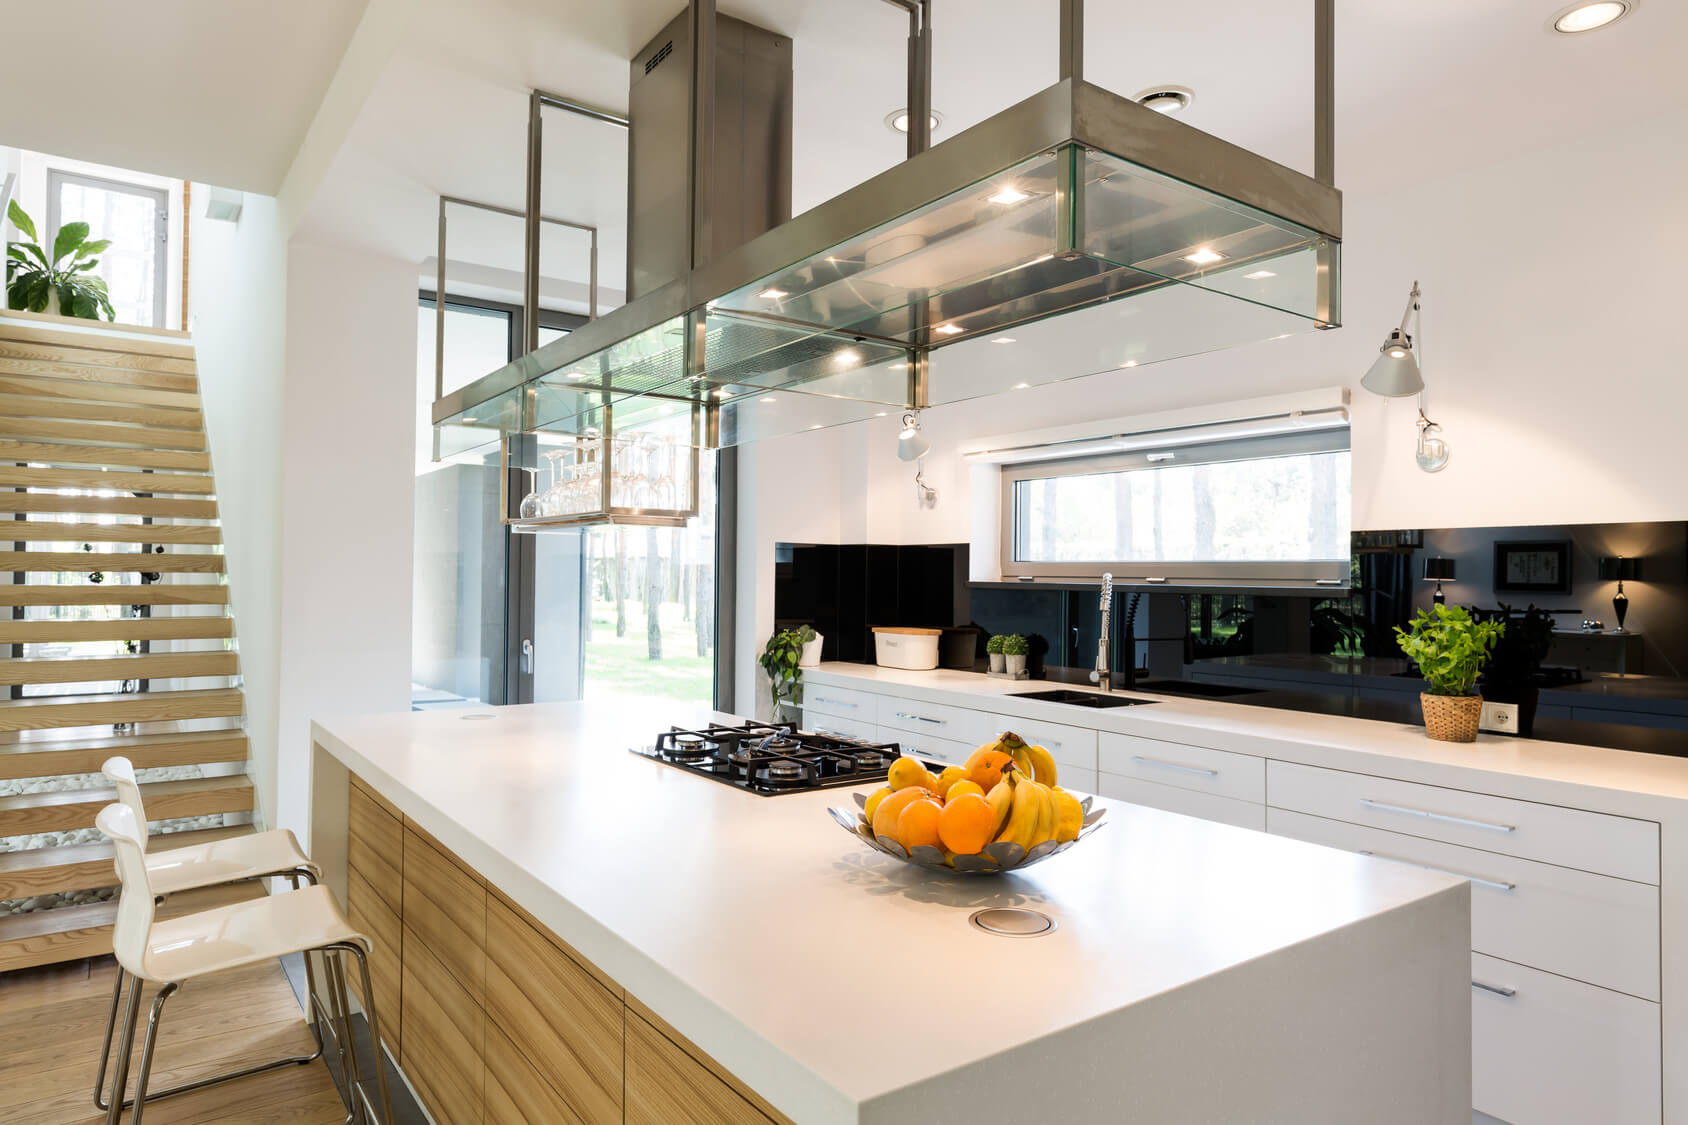 Cómo elegir encimera de cocina? – Cocinas Vitoria - Muebles de ...